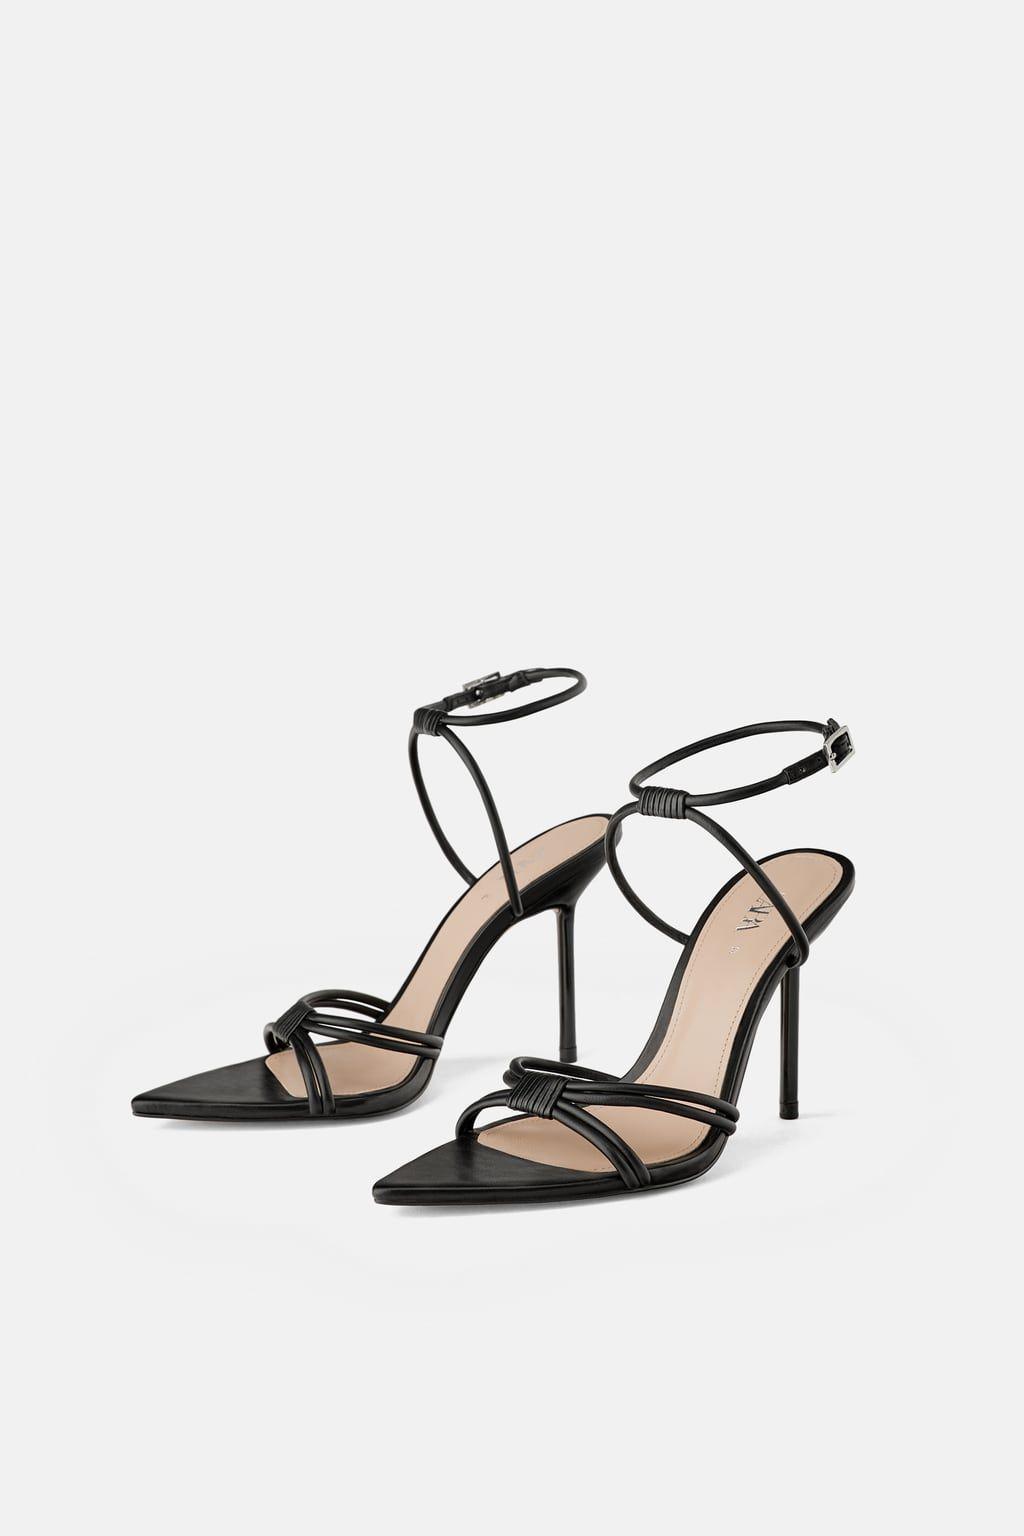 6d70af376 HIGH HEELED STRAPPY SANDALS - DRESS TIME-WOMAN-CORNER SHOPS